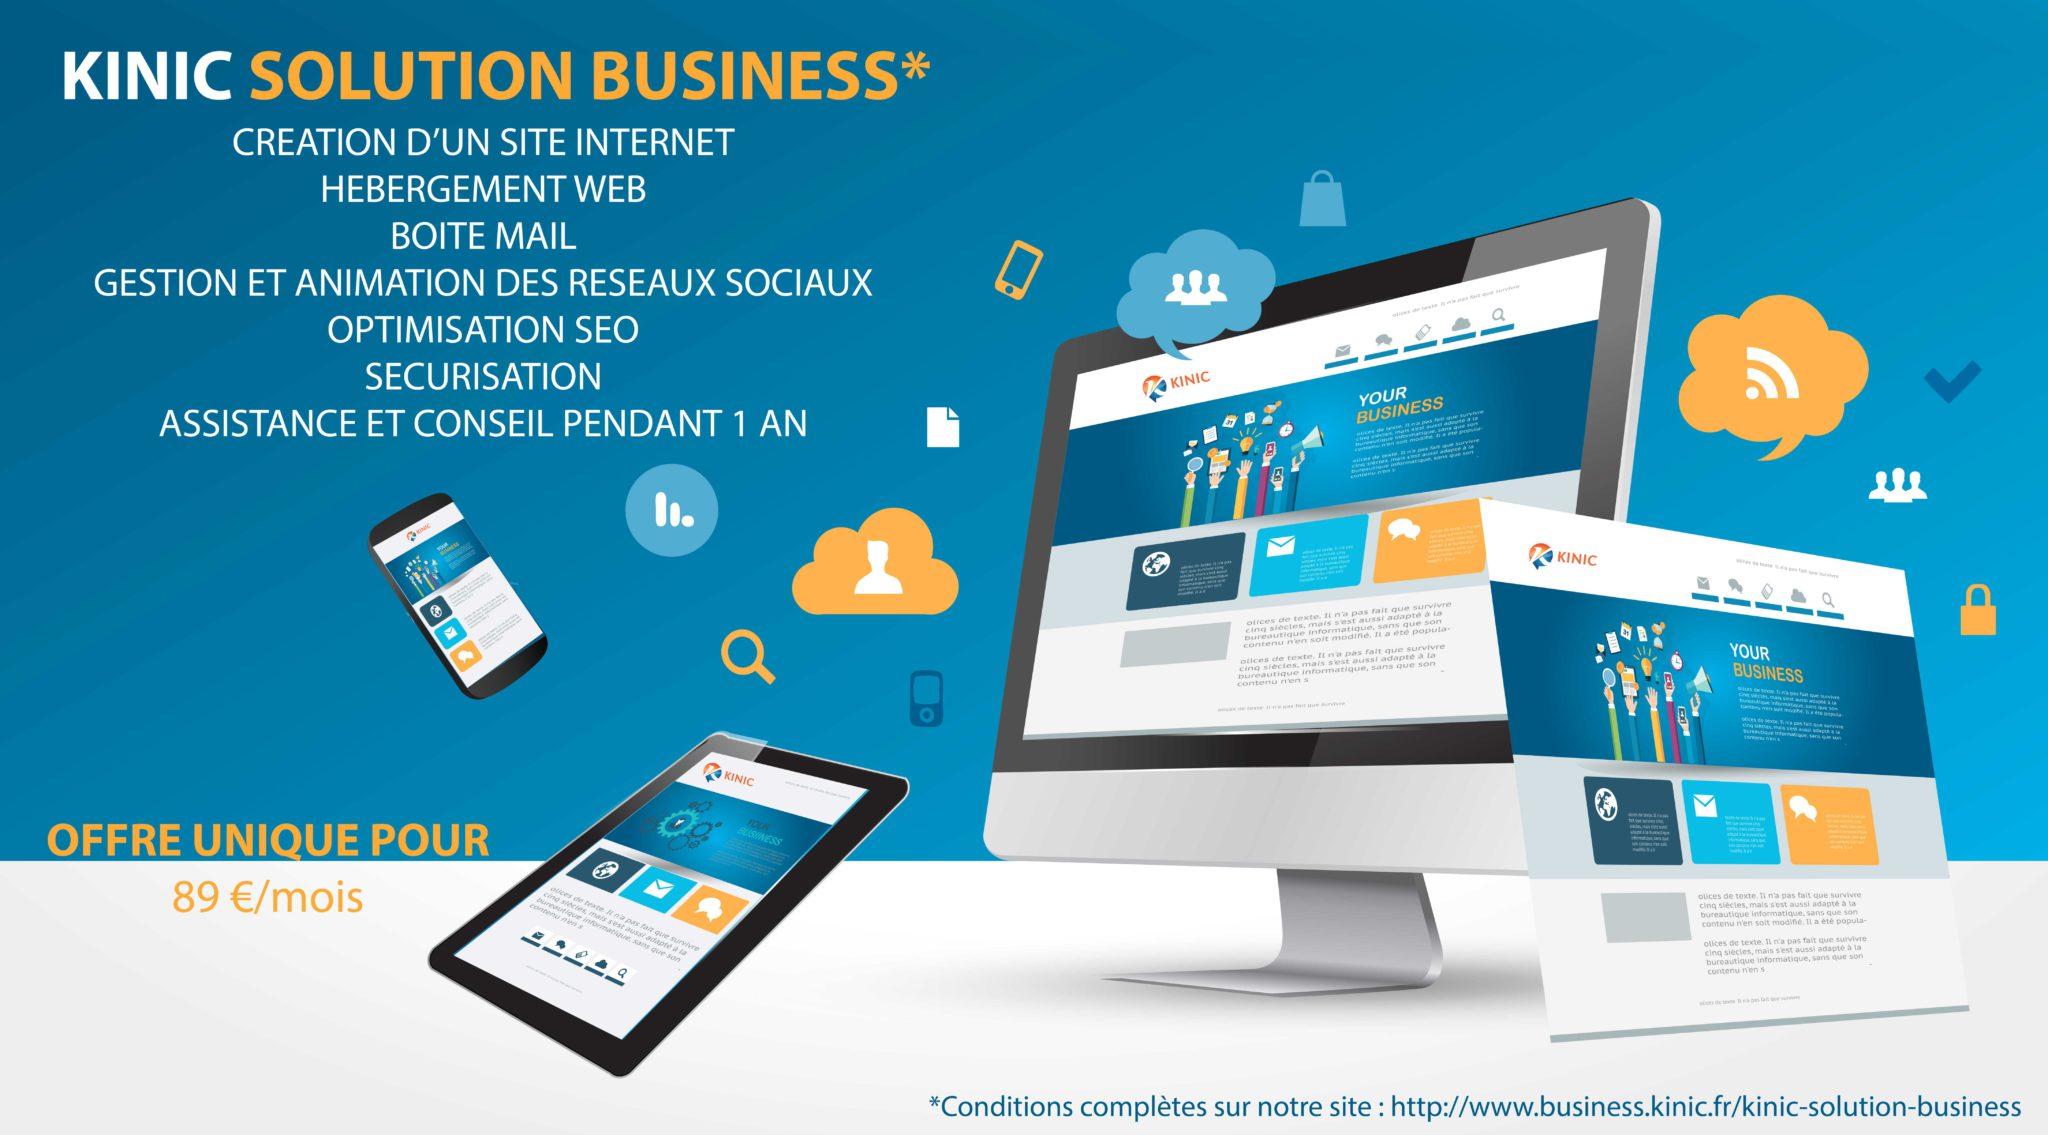 Kinic Business Solution, la dernière nouveauté de l'agence Kinic